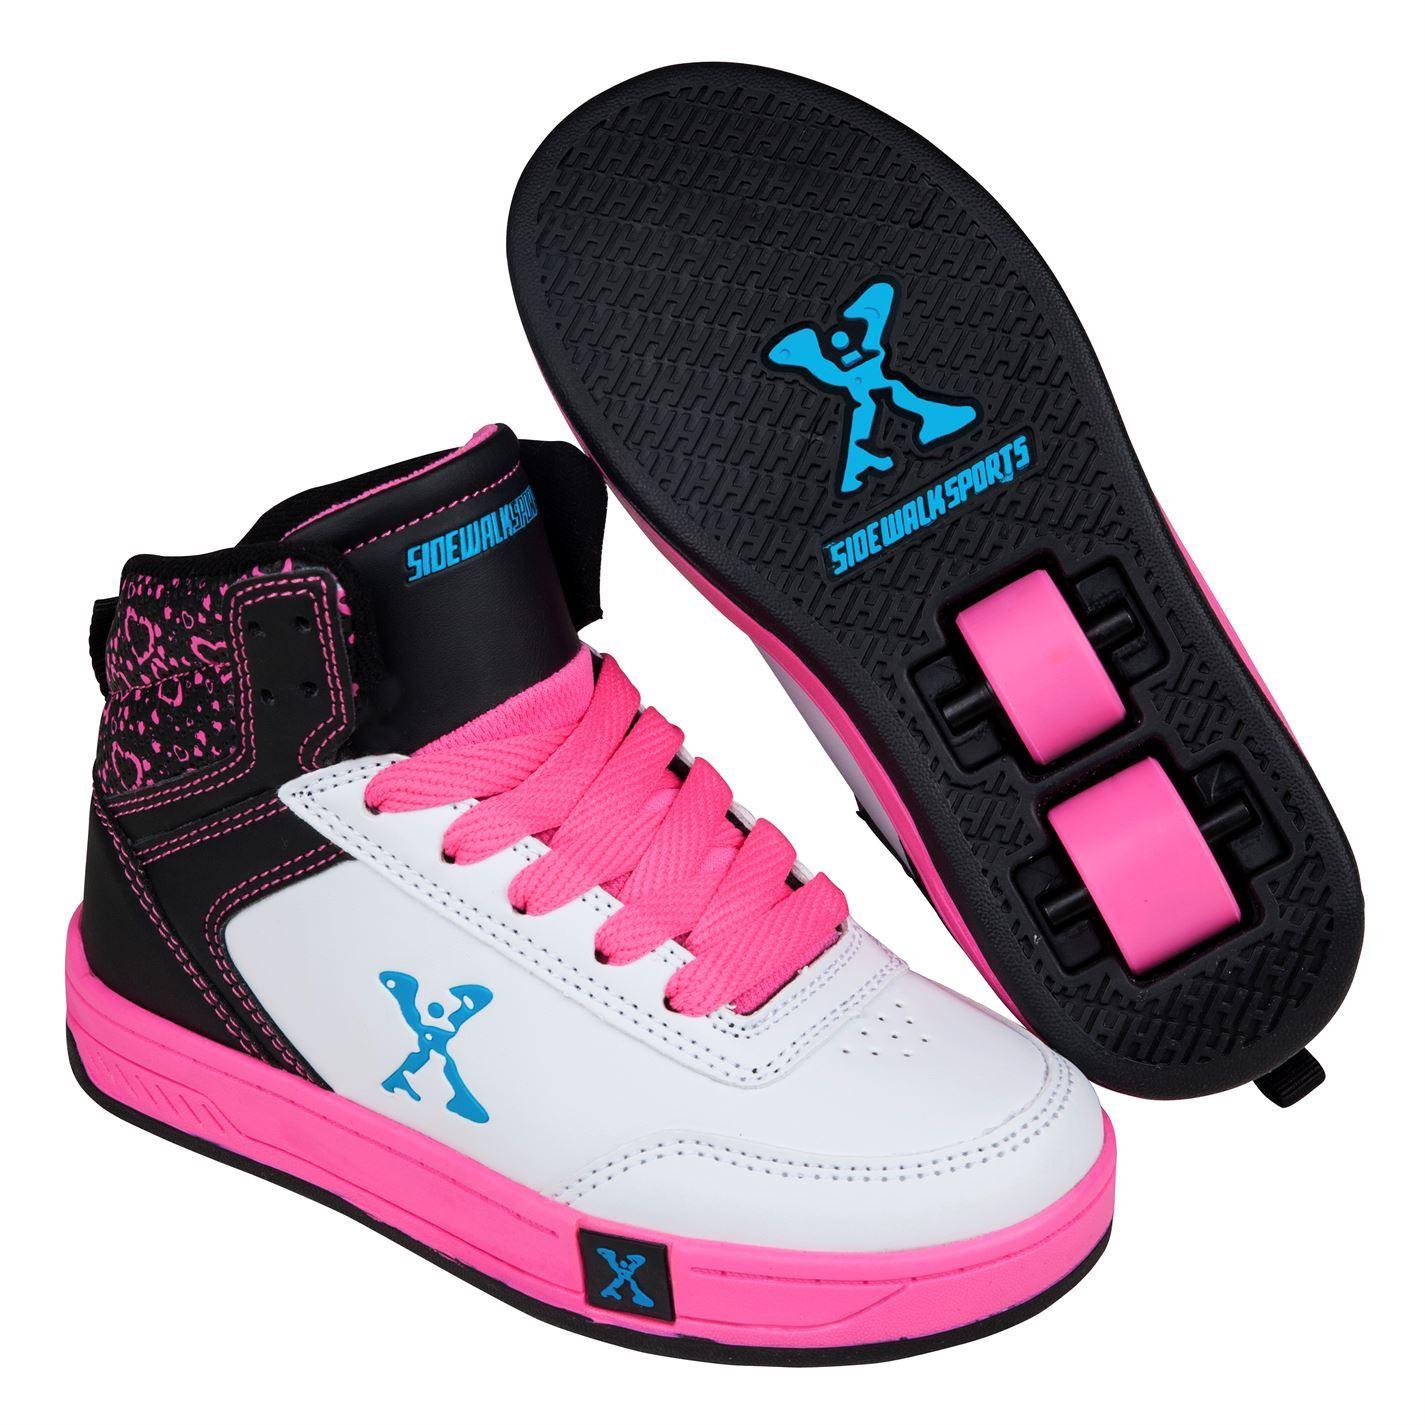 Roller shoes - Sidewalk Sport Kids Girls Hi Top Skate Lace